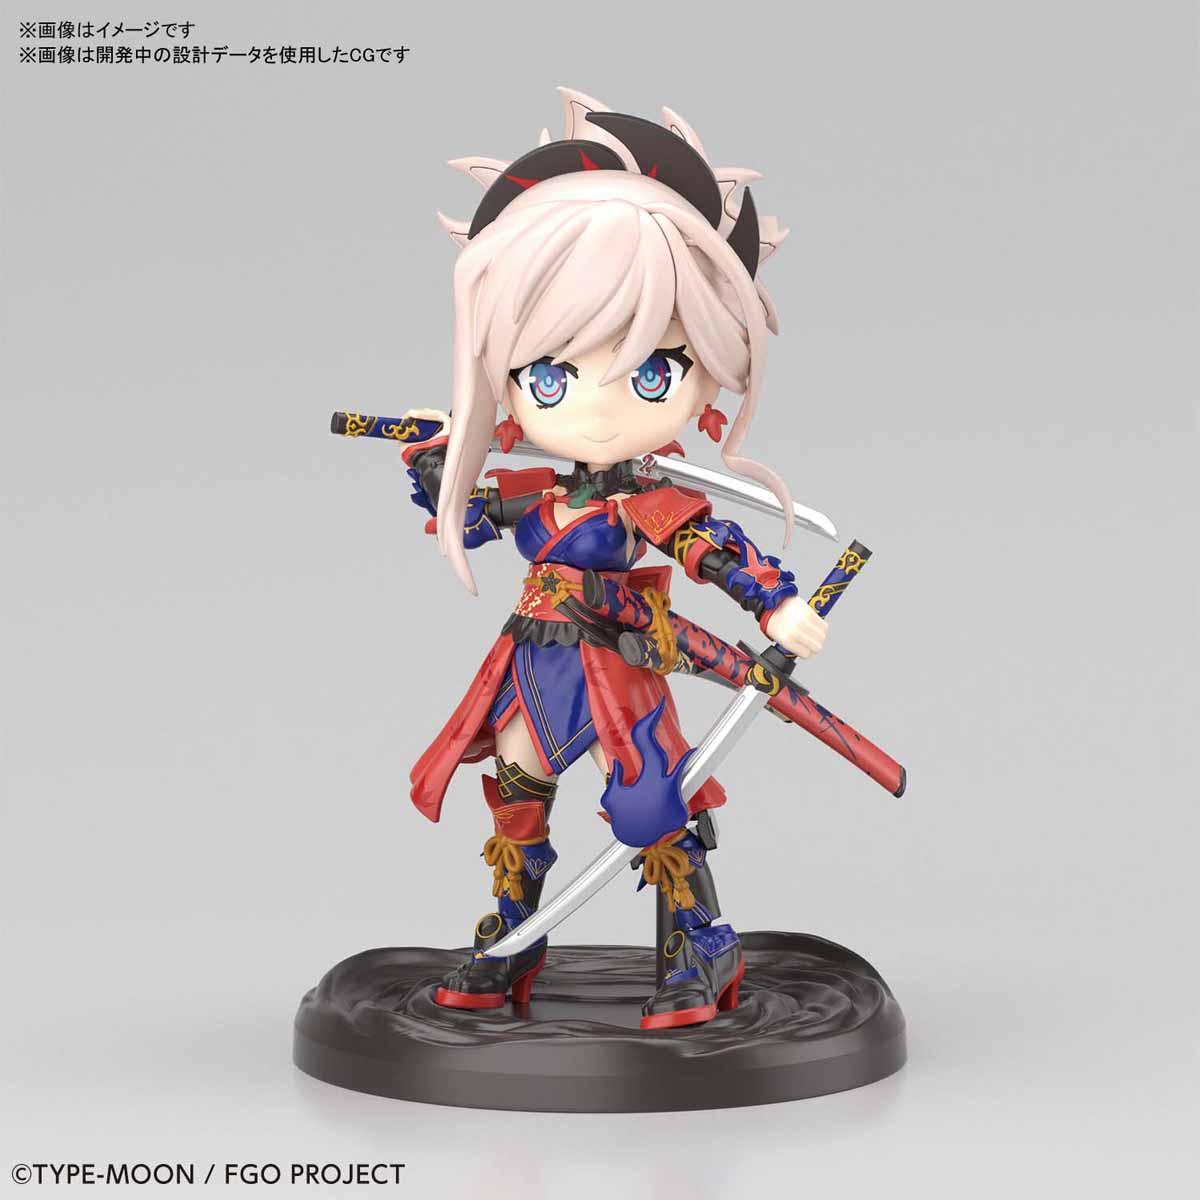 ぷちりっつ『セイバー/宮本武蔵』Fate/Grand Order プラモデル-001